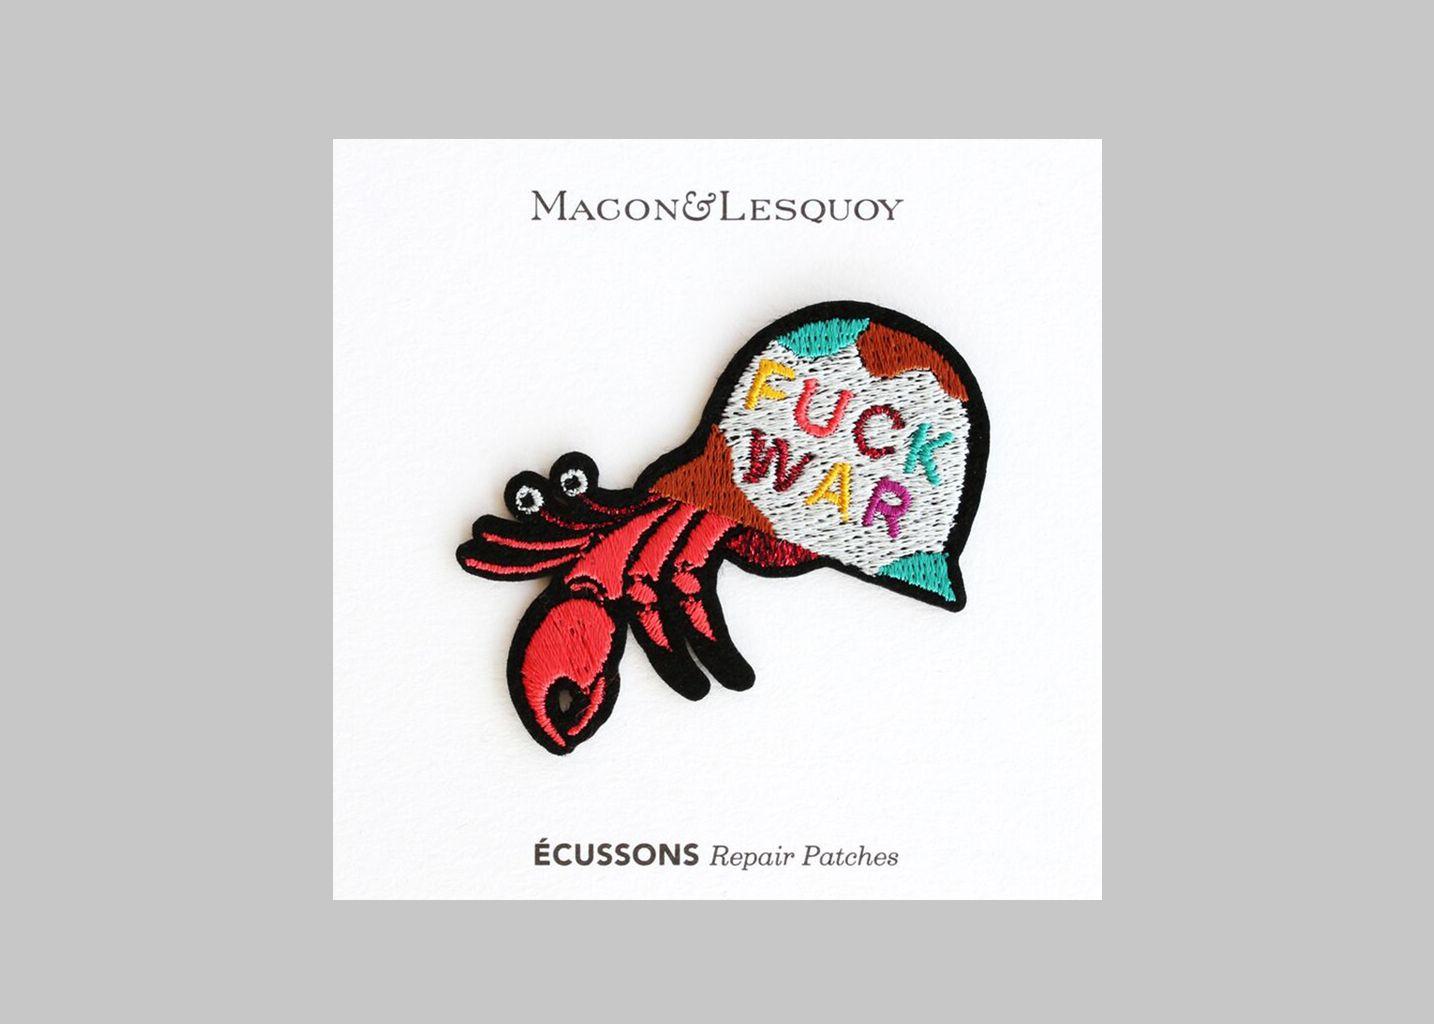 Ecusson Bernard L'Ermite - Macon & Lesquoy